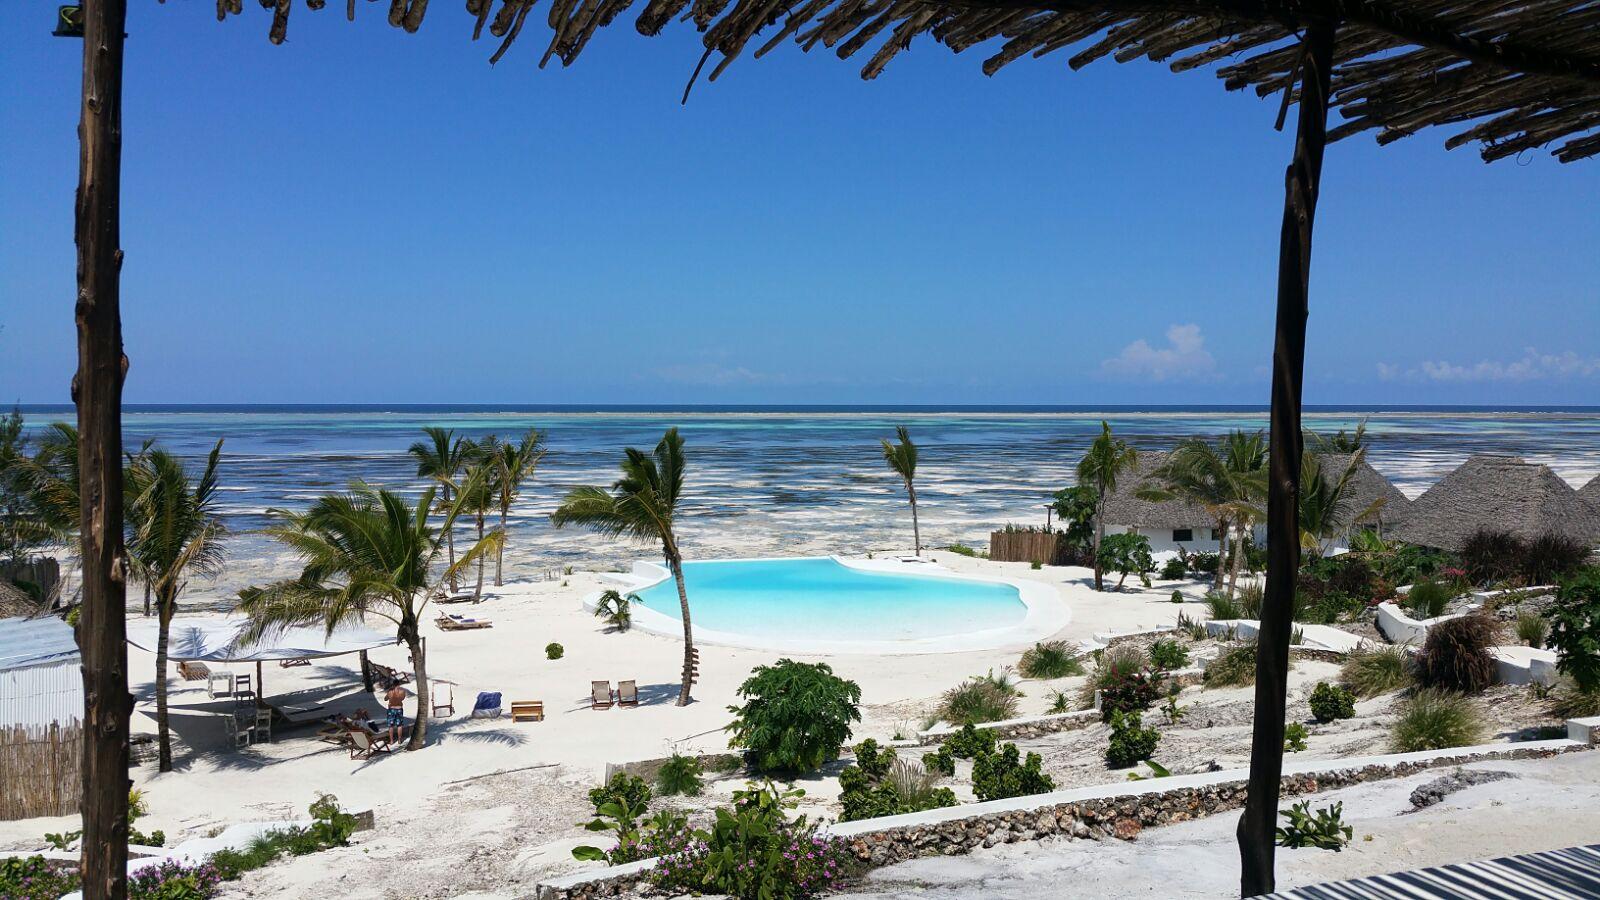 Qué podemos hacer en Zanzibar, excursiones y visitas